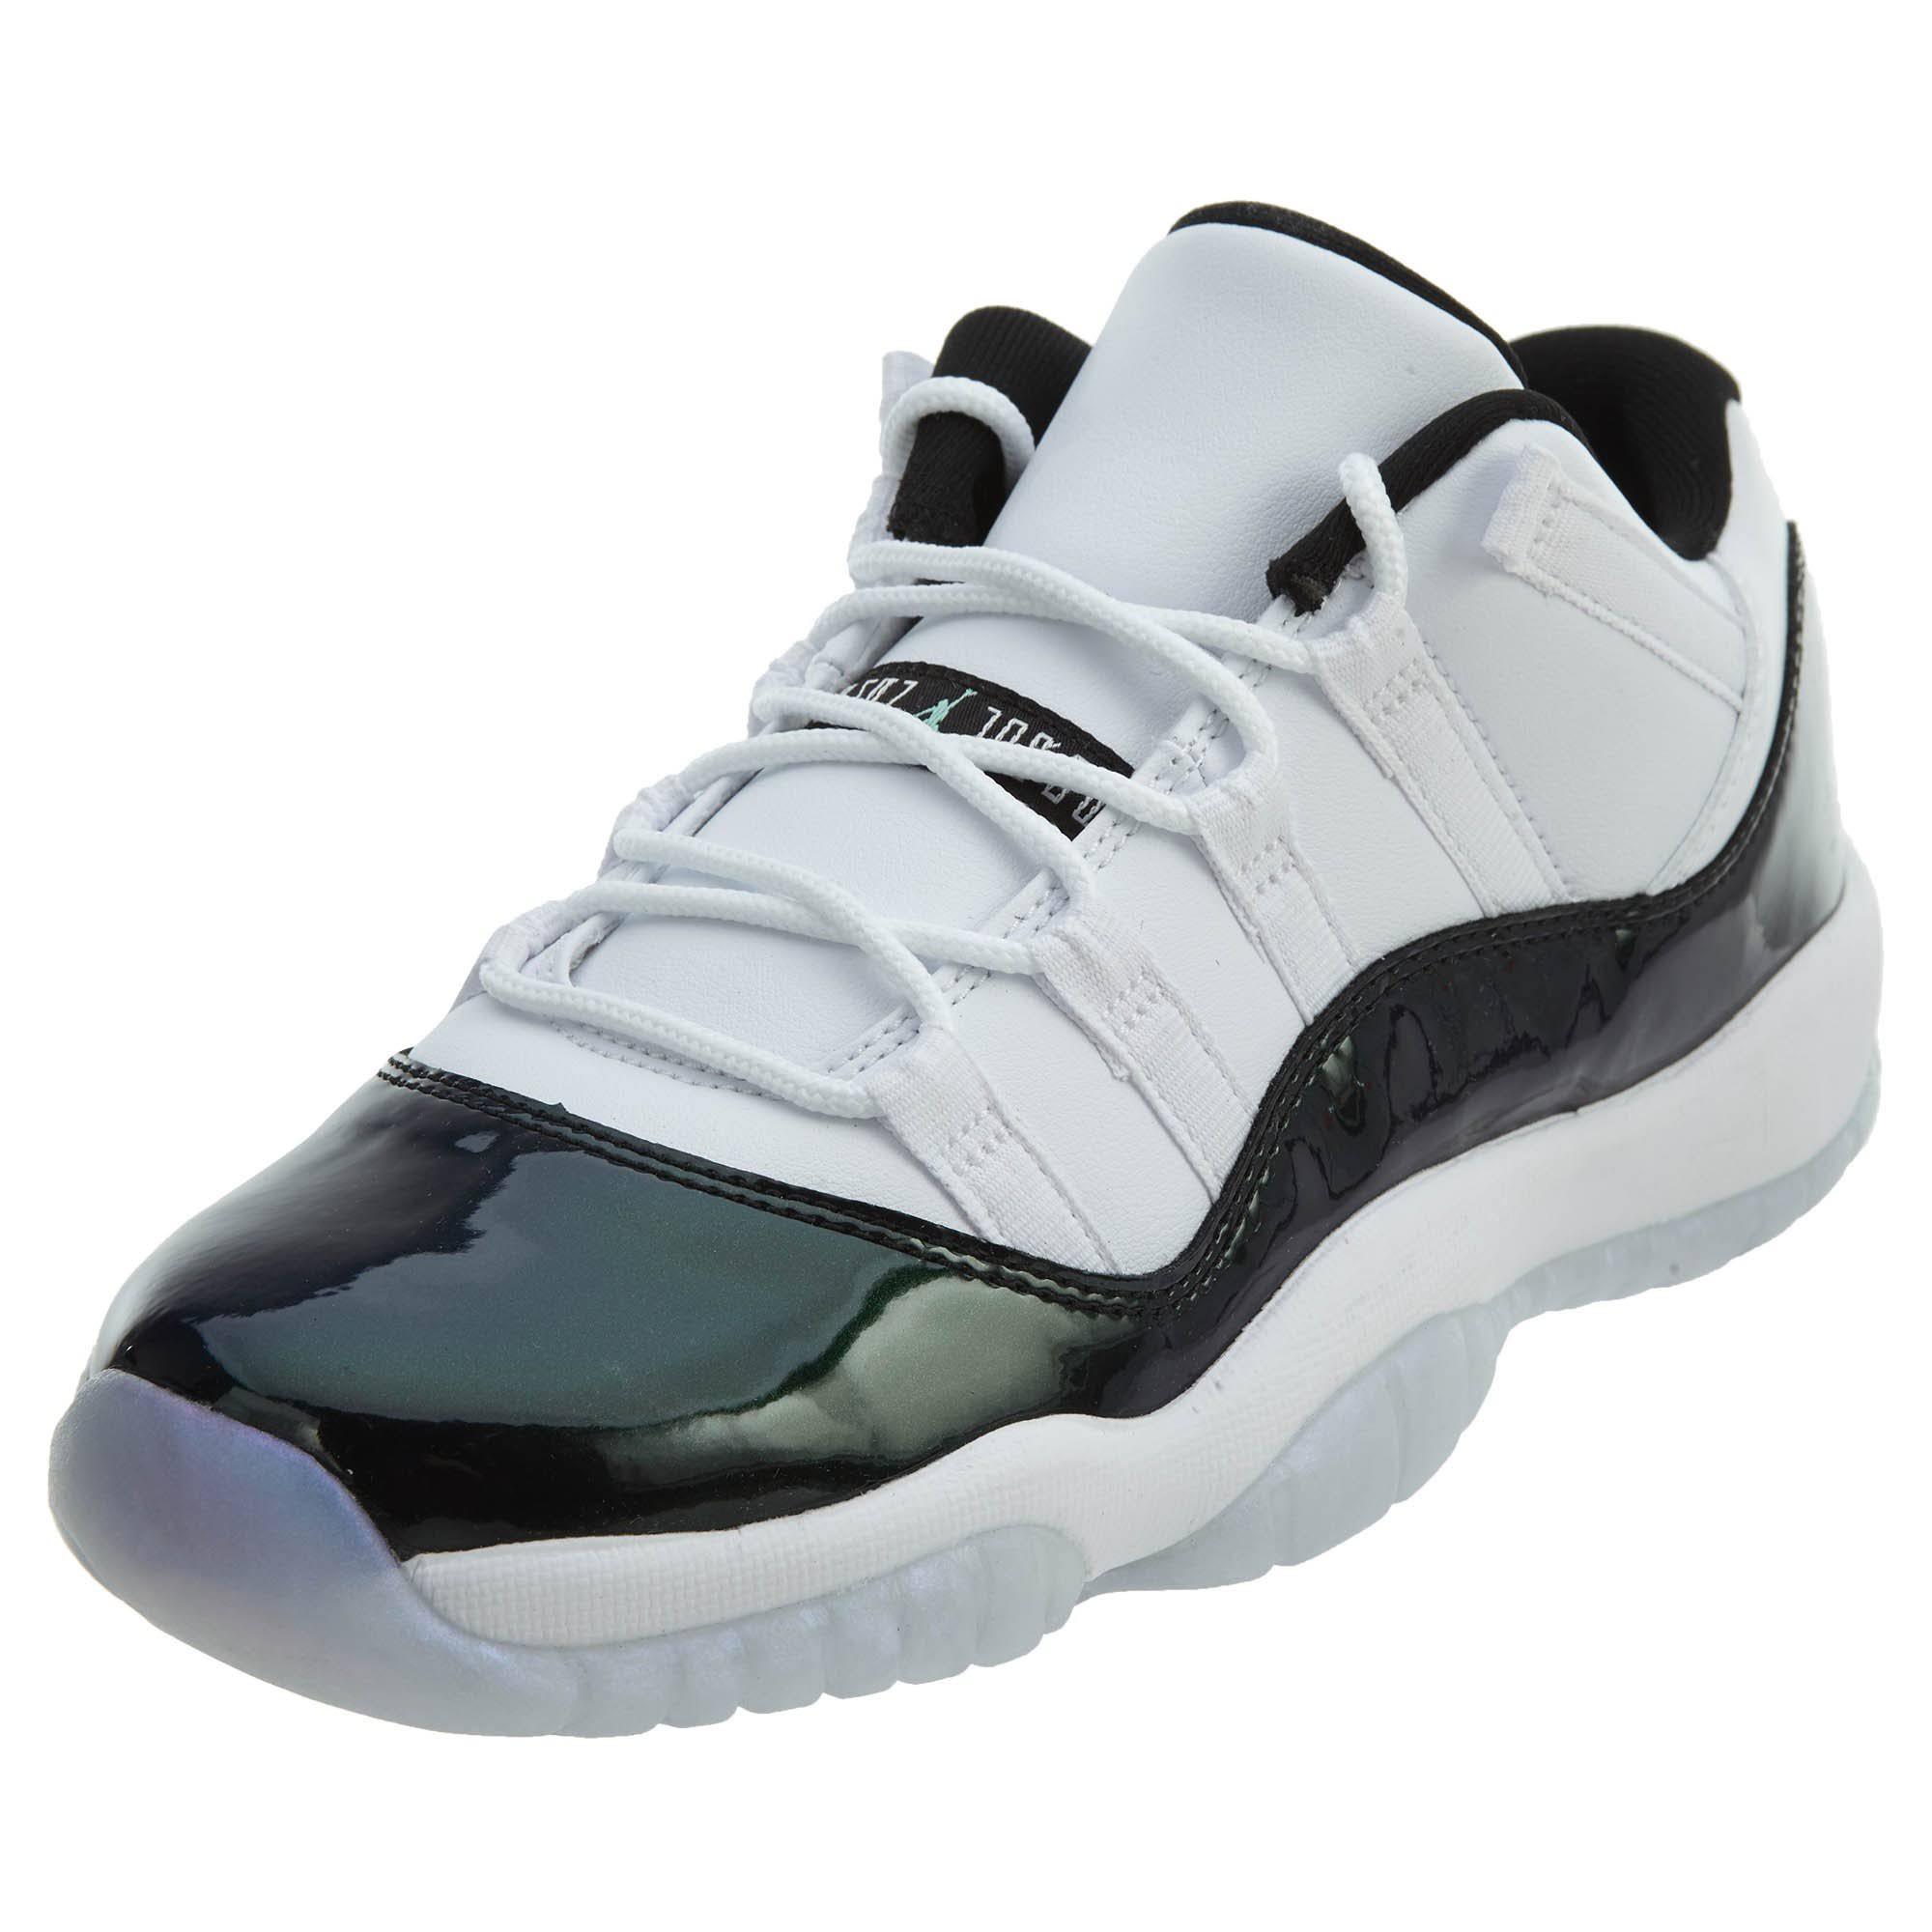 Gs Para Zapatillas Tamaño Jóvenes 4 Negro 5 Jordan Blanco 11 Retro Air Verde TpSYp